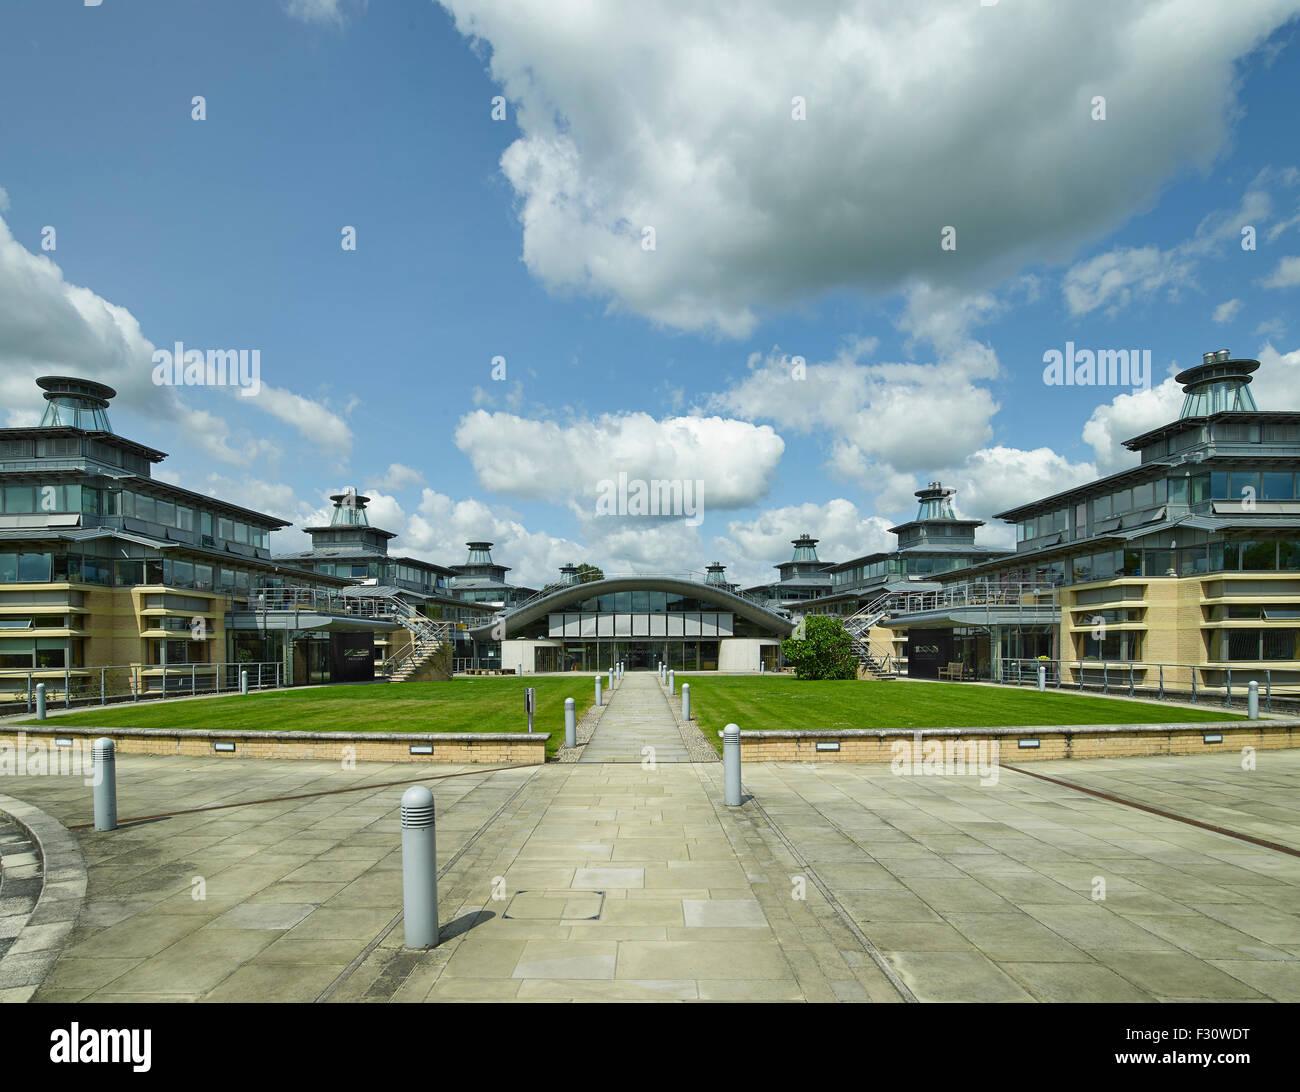 Cambridge Universität Zentrum für mathematische Studien von Edward Cullinan Architekten Stockbild